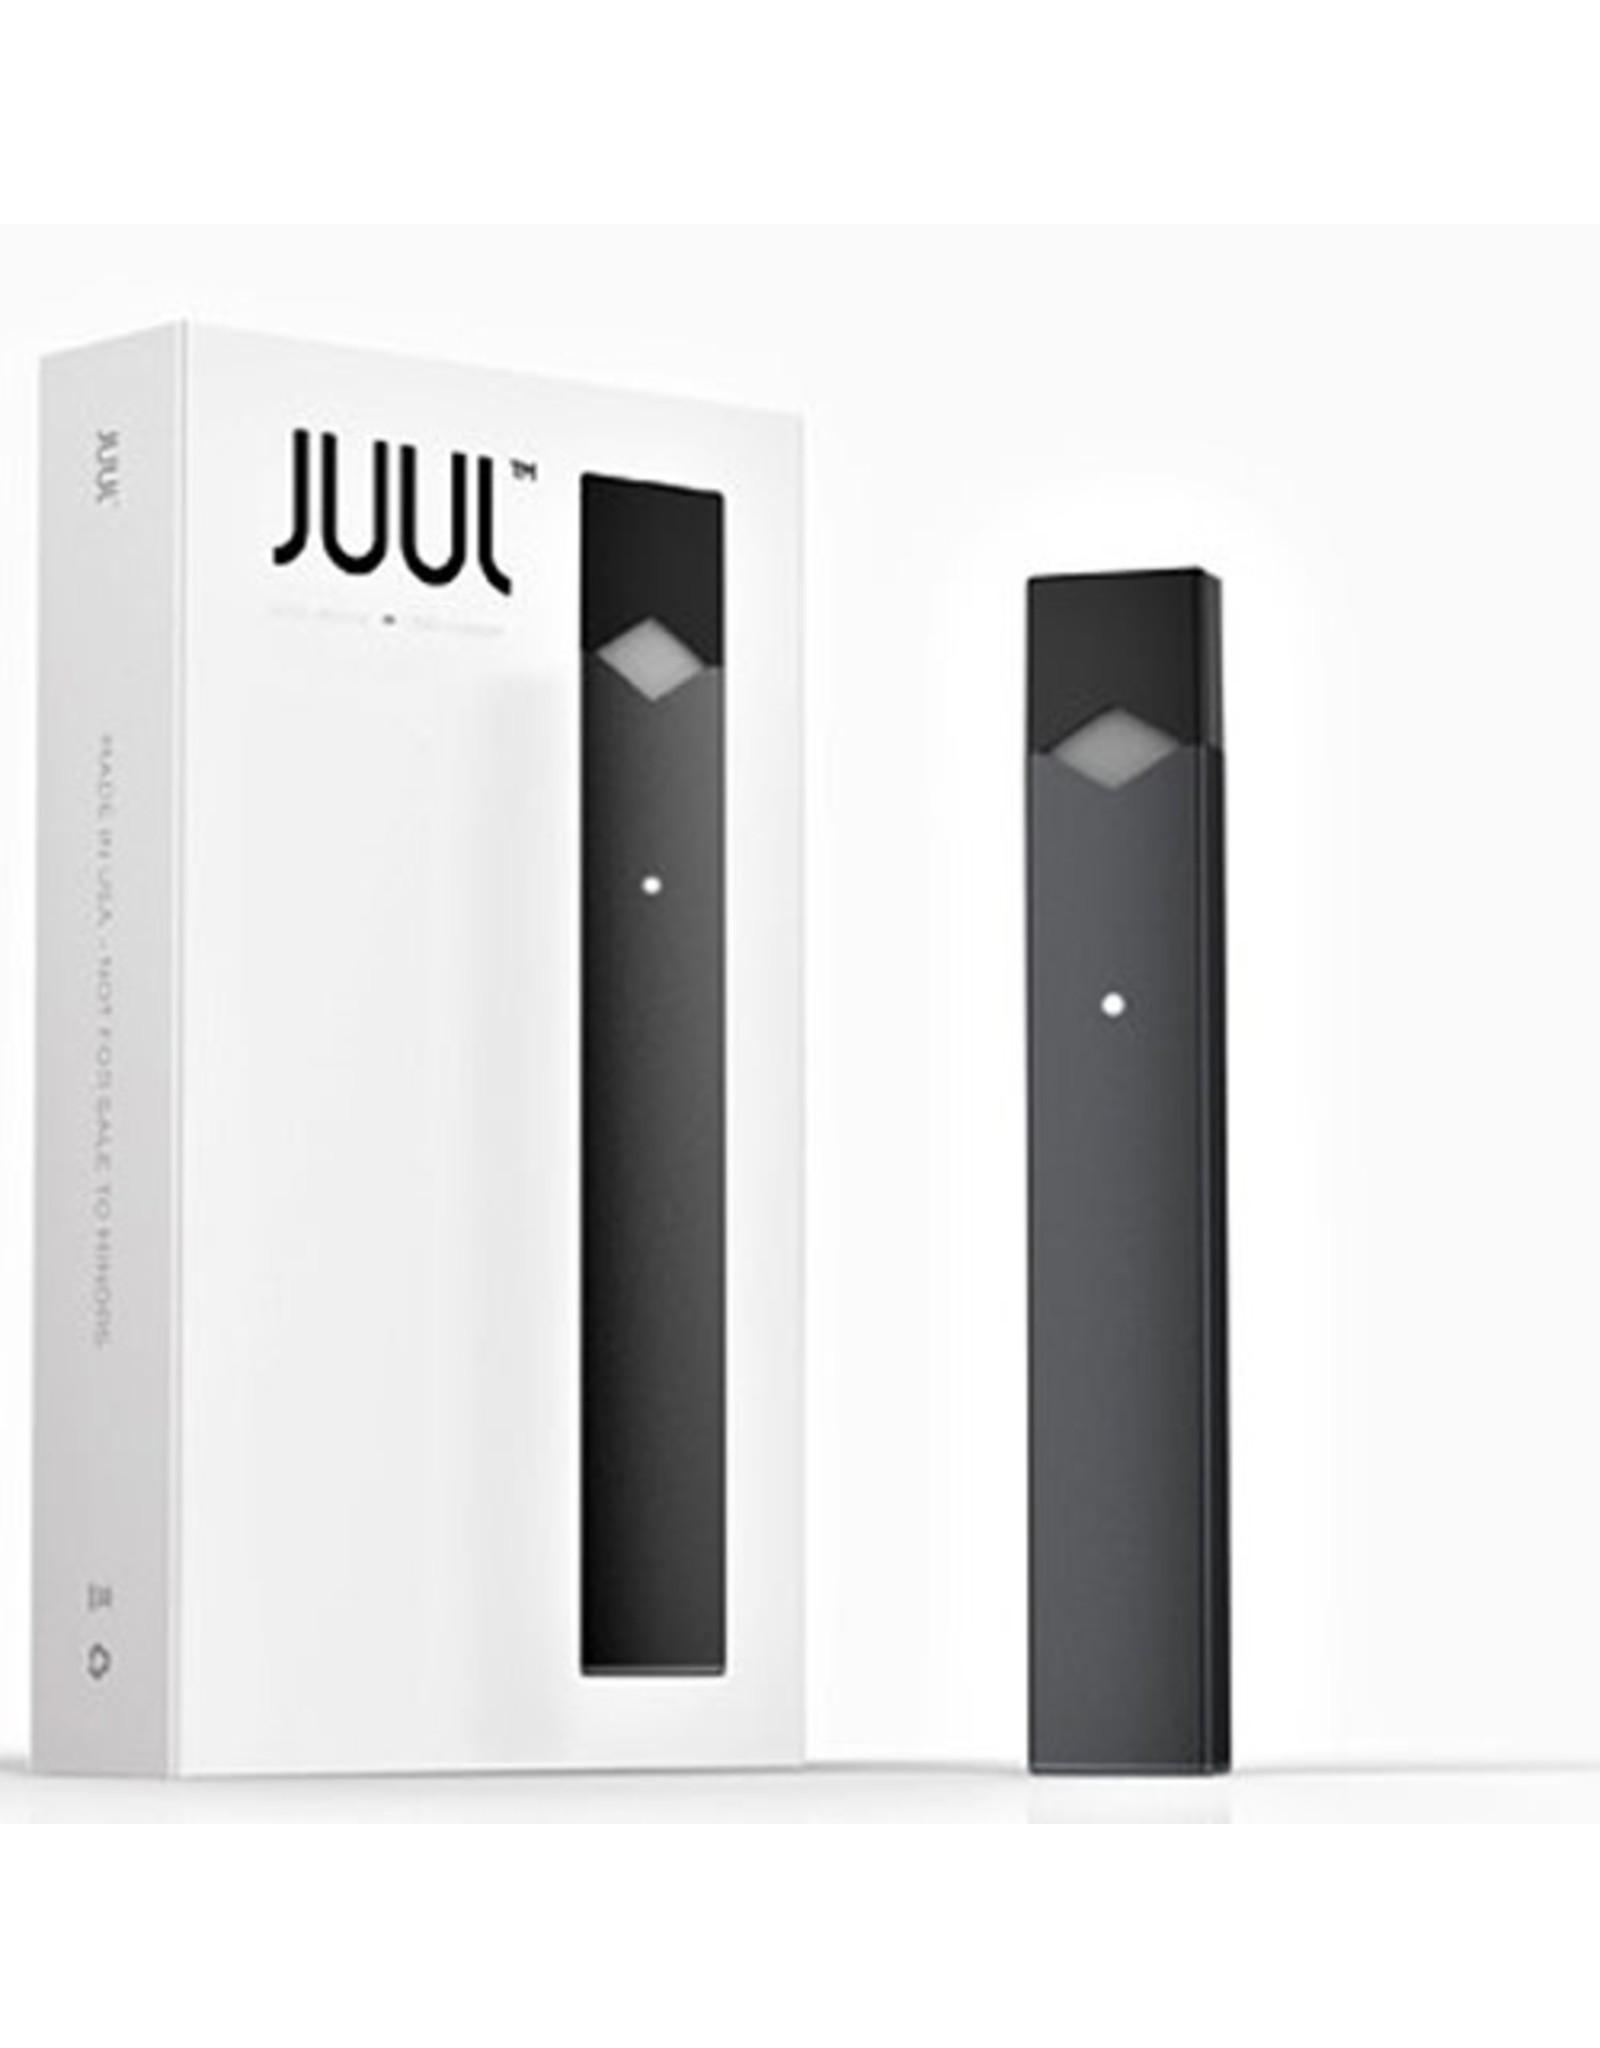 JUUL BASIC KIT BLACK